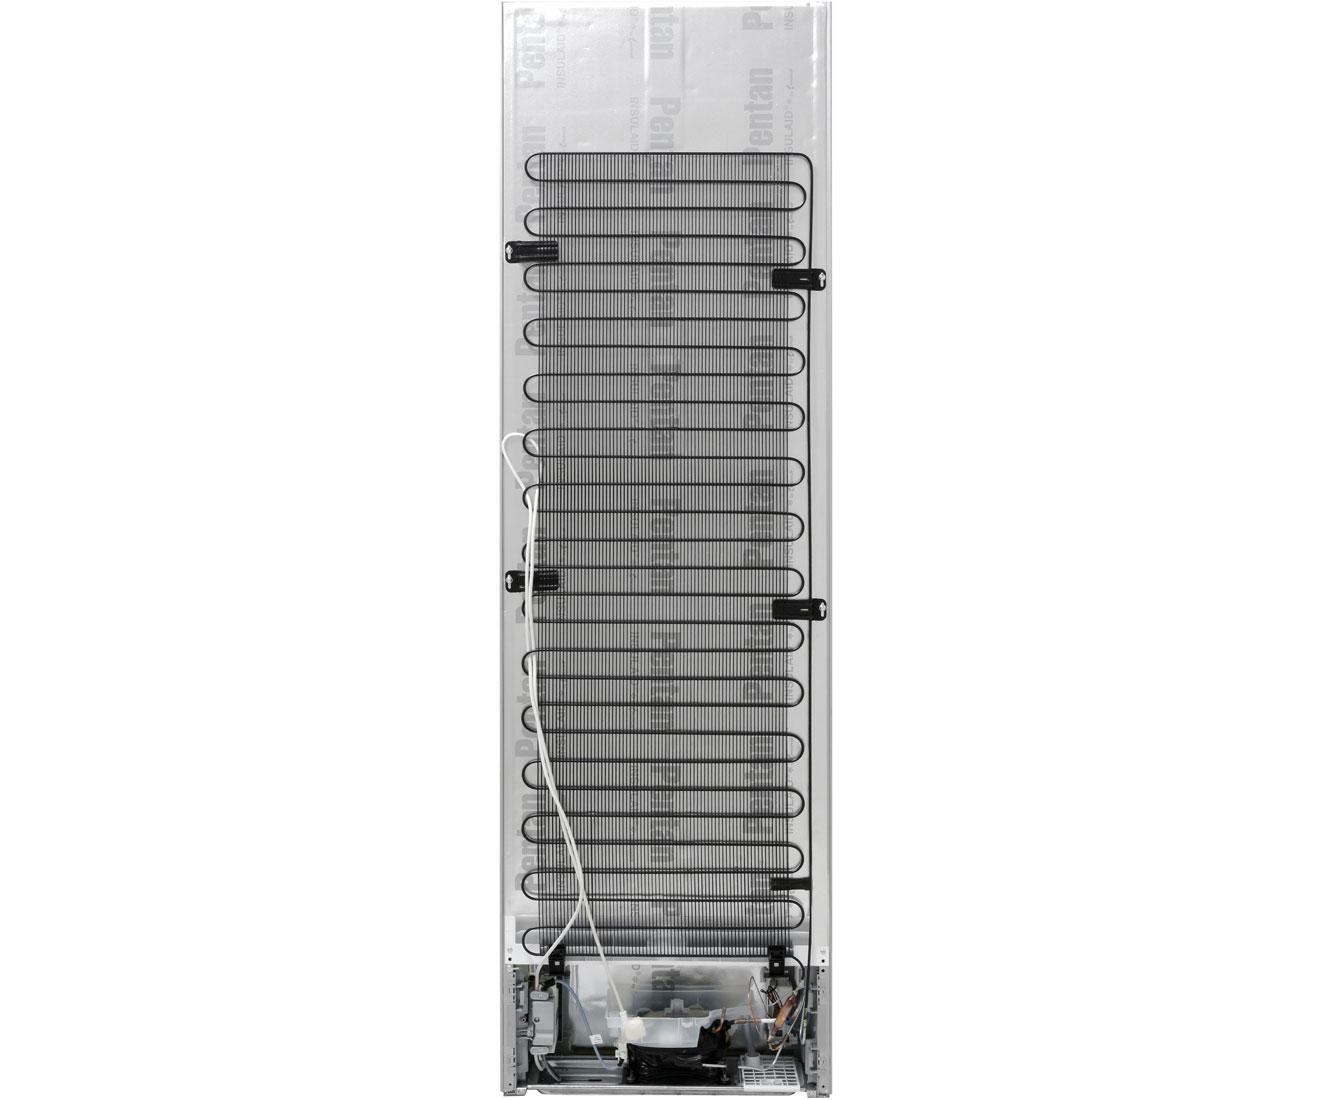 Siemens Kühlschrank Zu Laut : Siemens iq kg evi a kühl gefrierkombination er breite